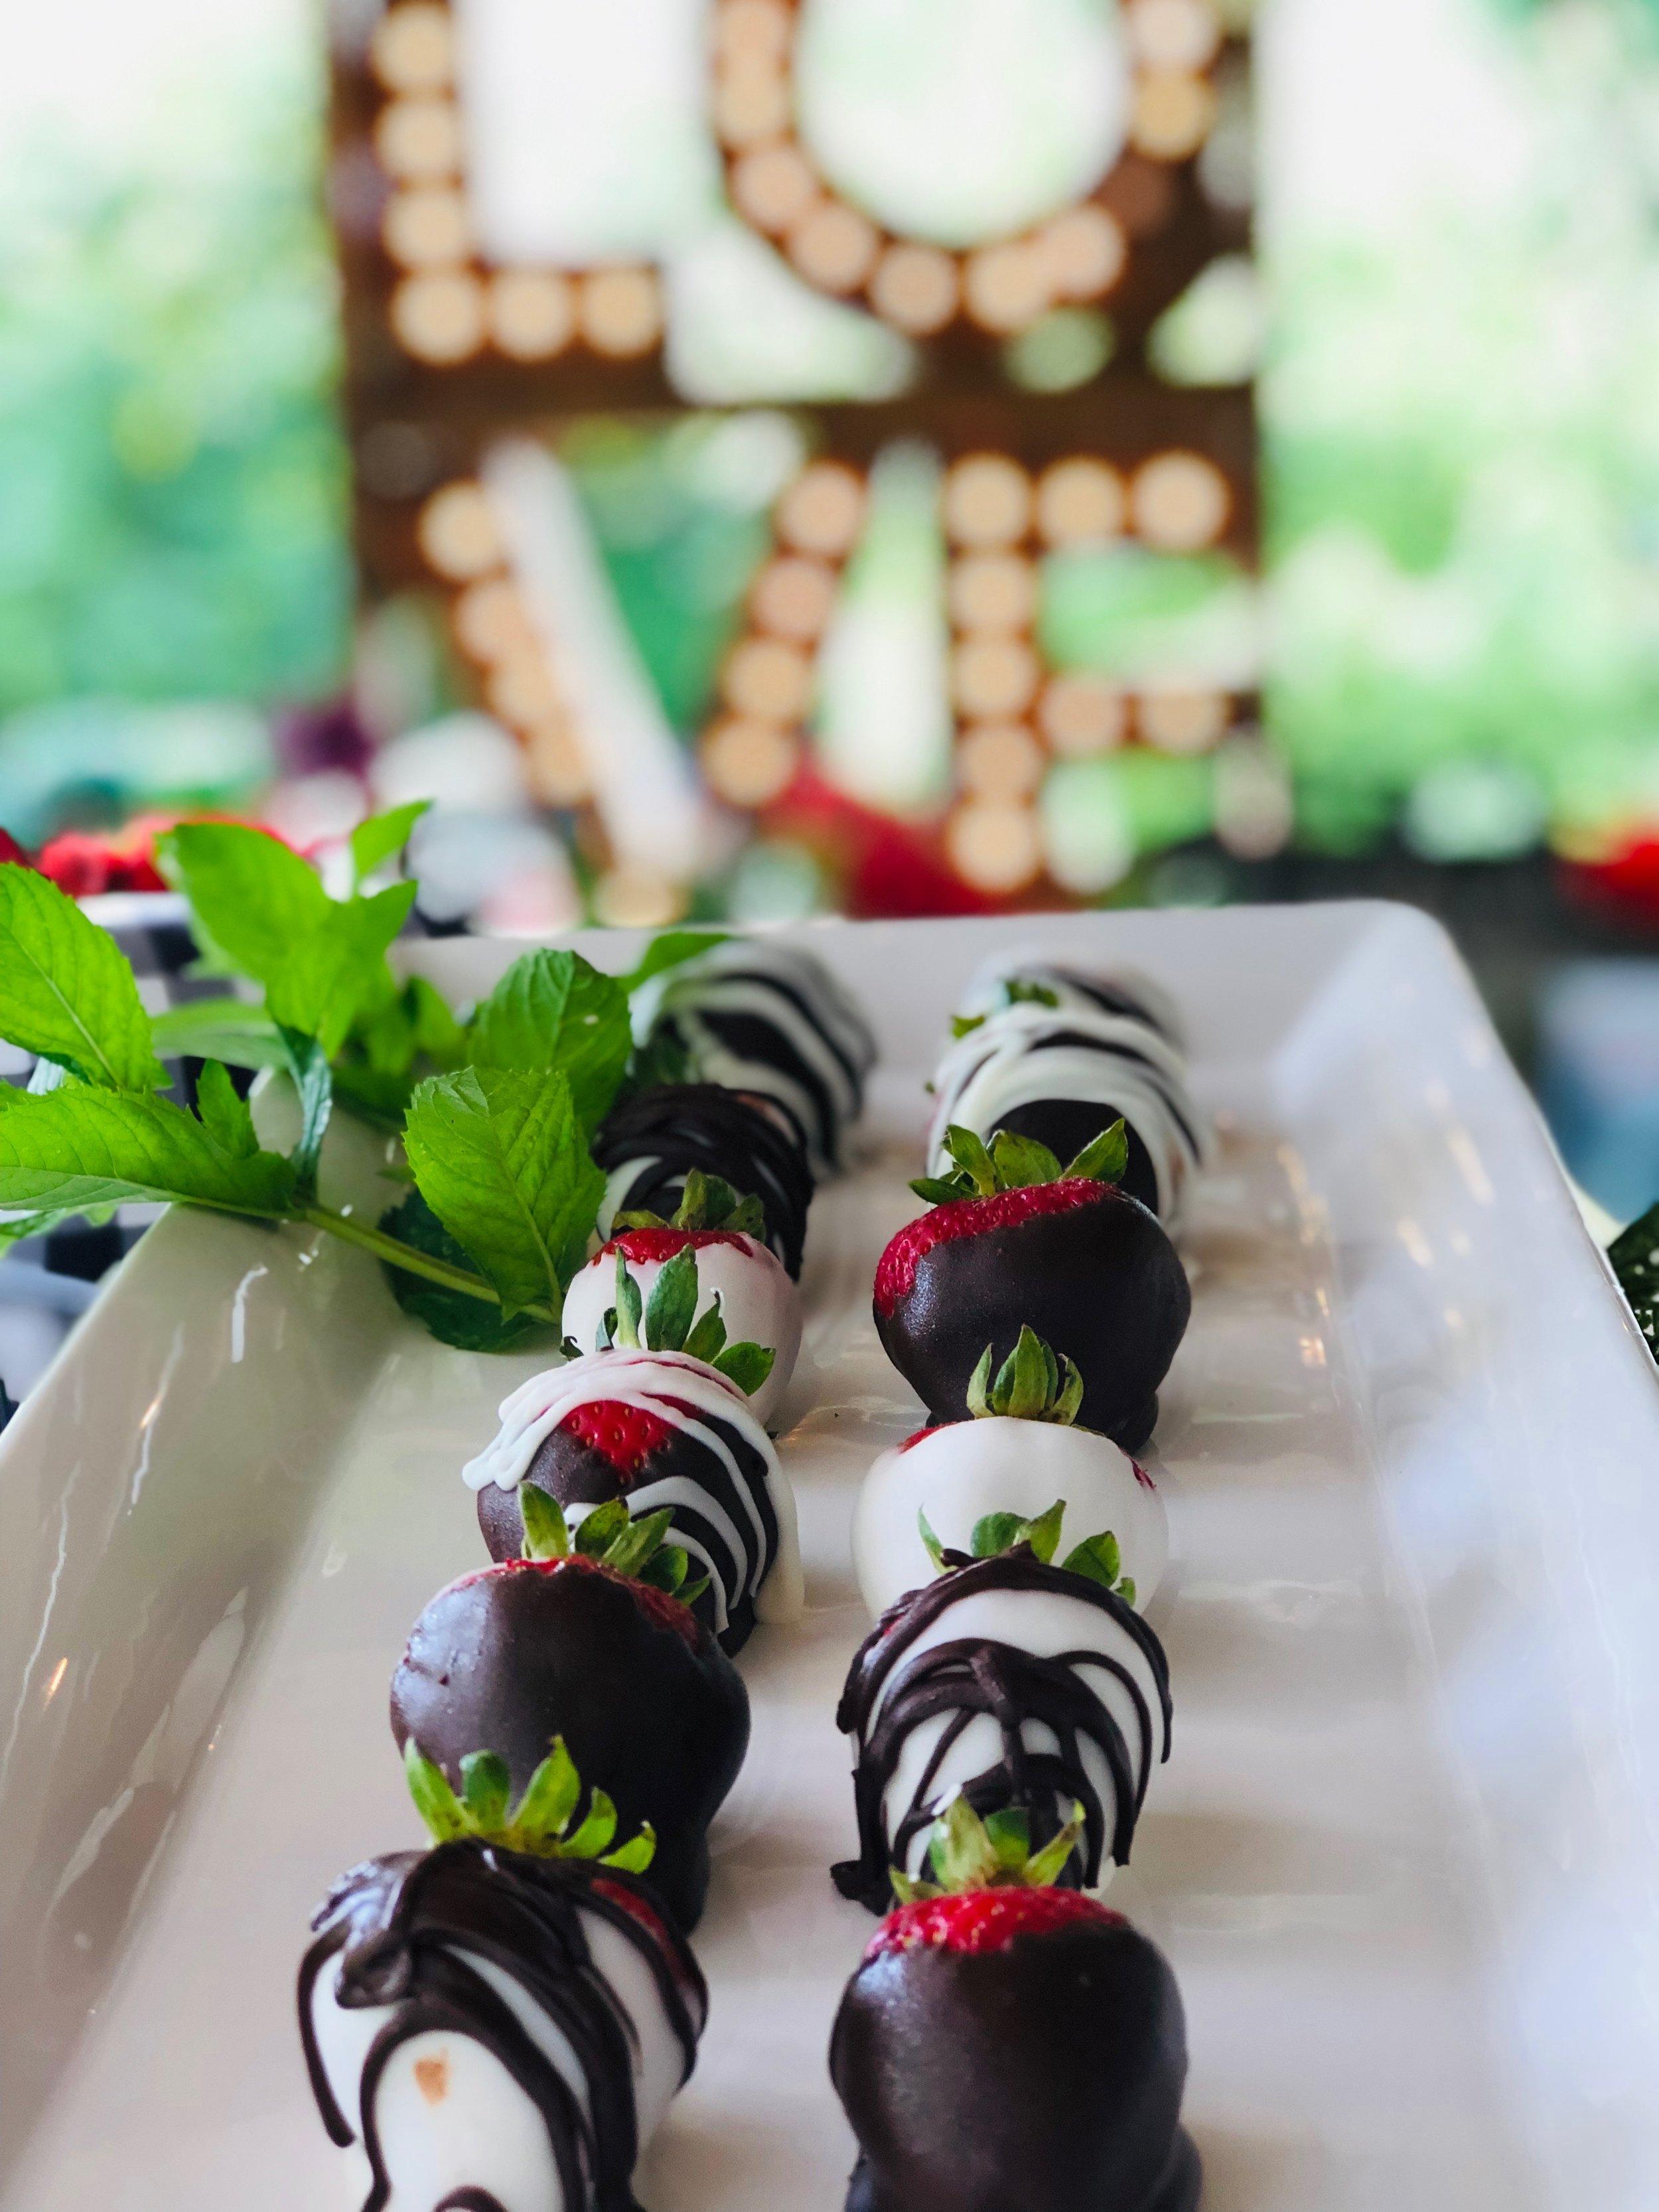 Indulgence Chocolate Covered Strawberries